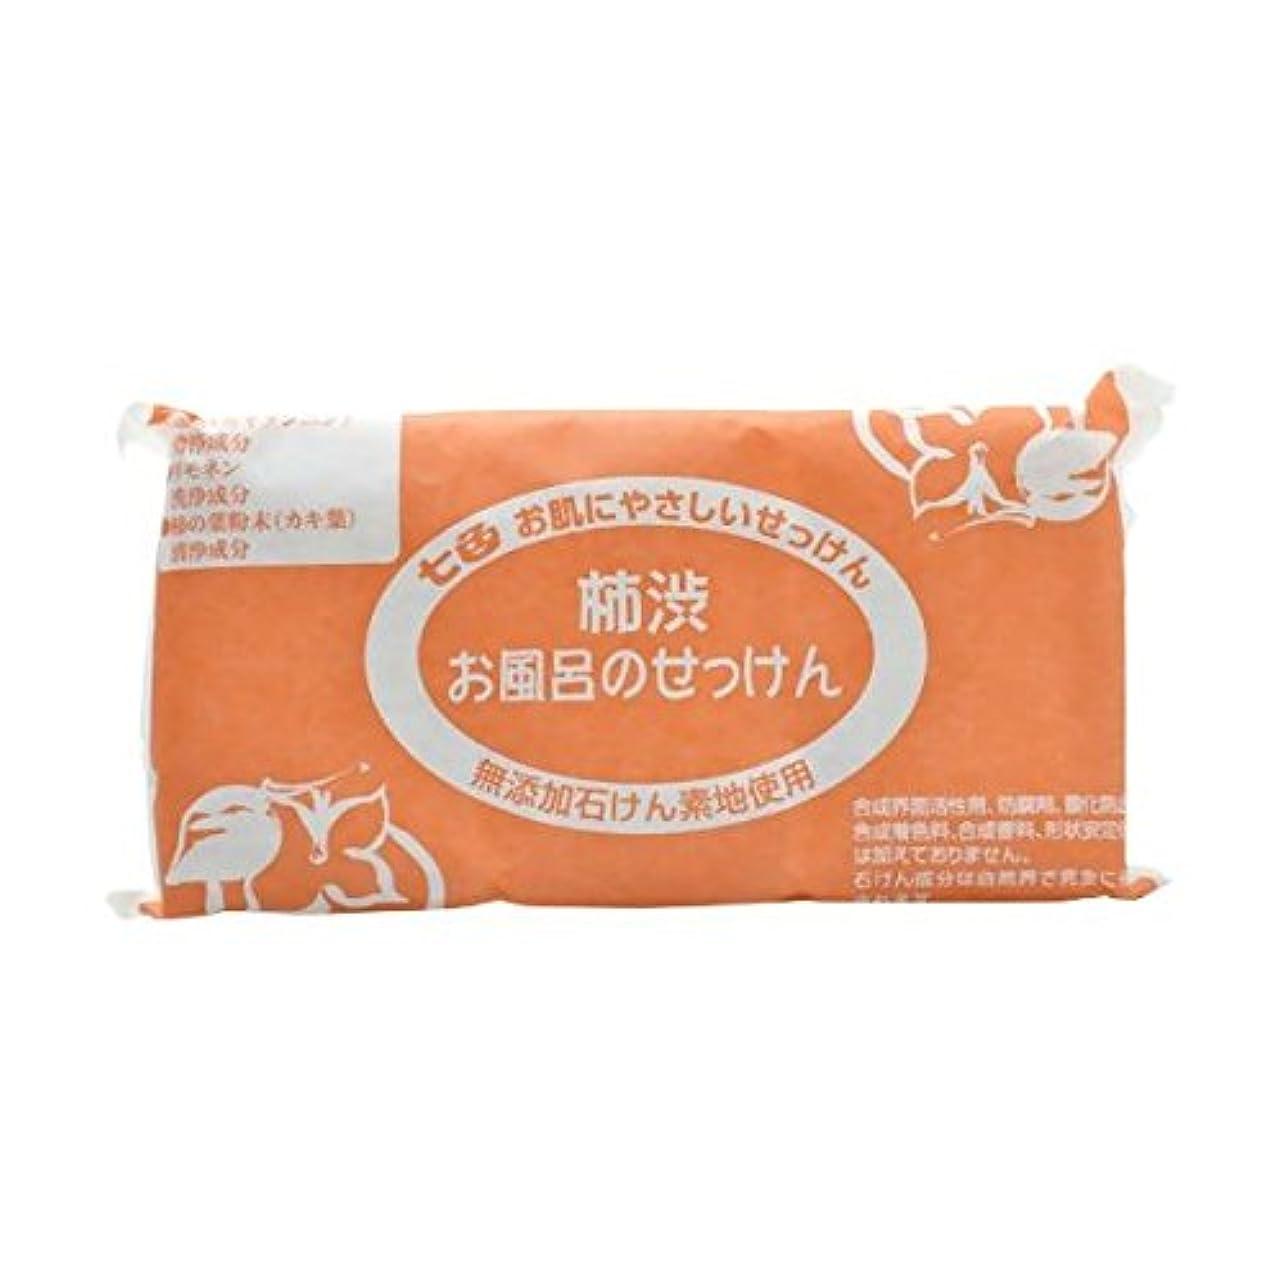 アライアンス作詞家磁気(まとめ買い)七色 お風呂のせっけん 柿渋(無添加石鹸) 100g×3個入×9セット